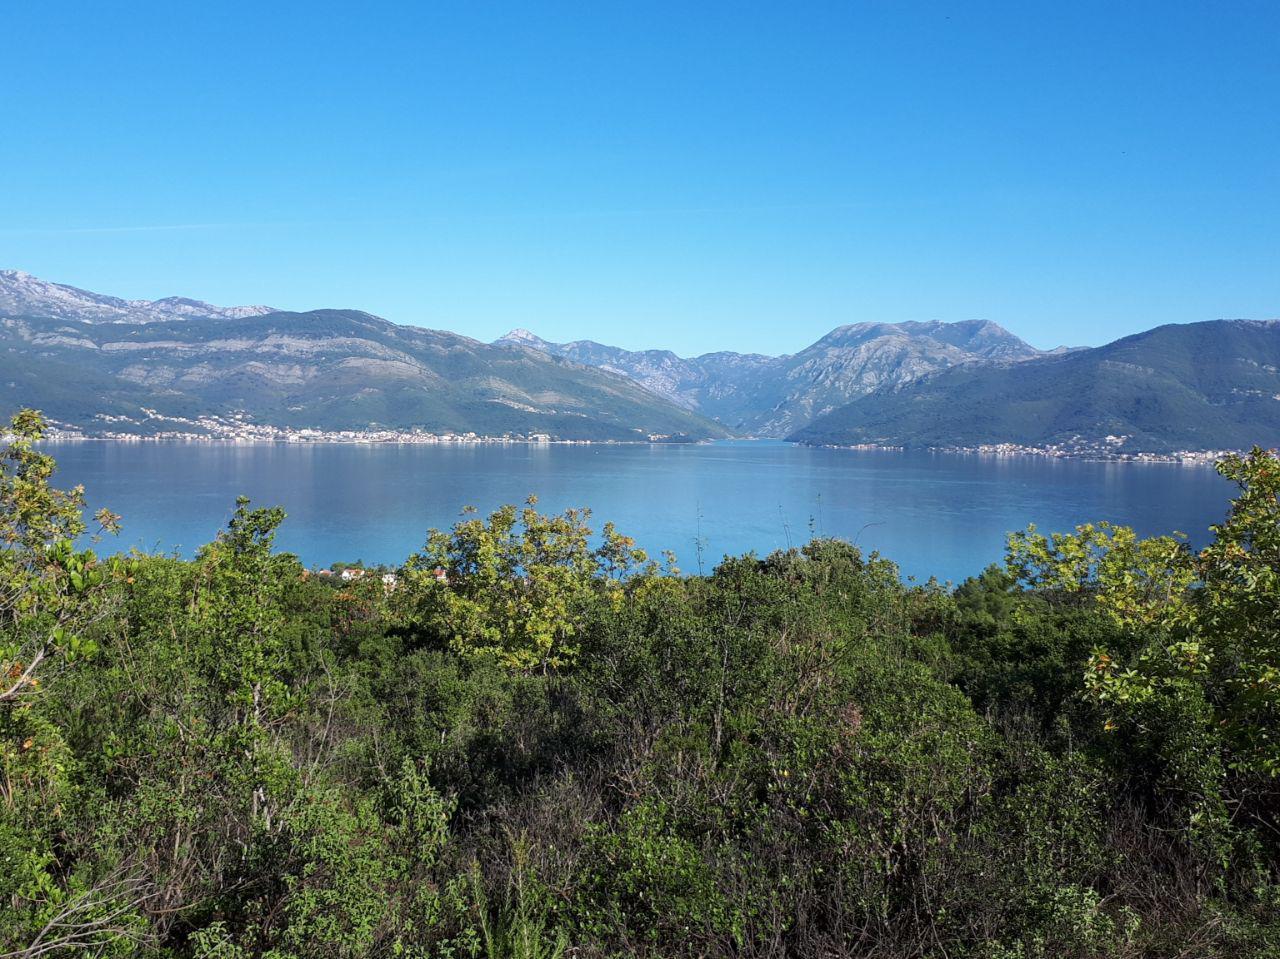 Vue imprenable sur la baie de Tivat, à 2 minutes du futur terrain de Golf de Lustica